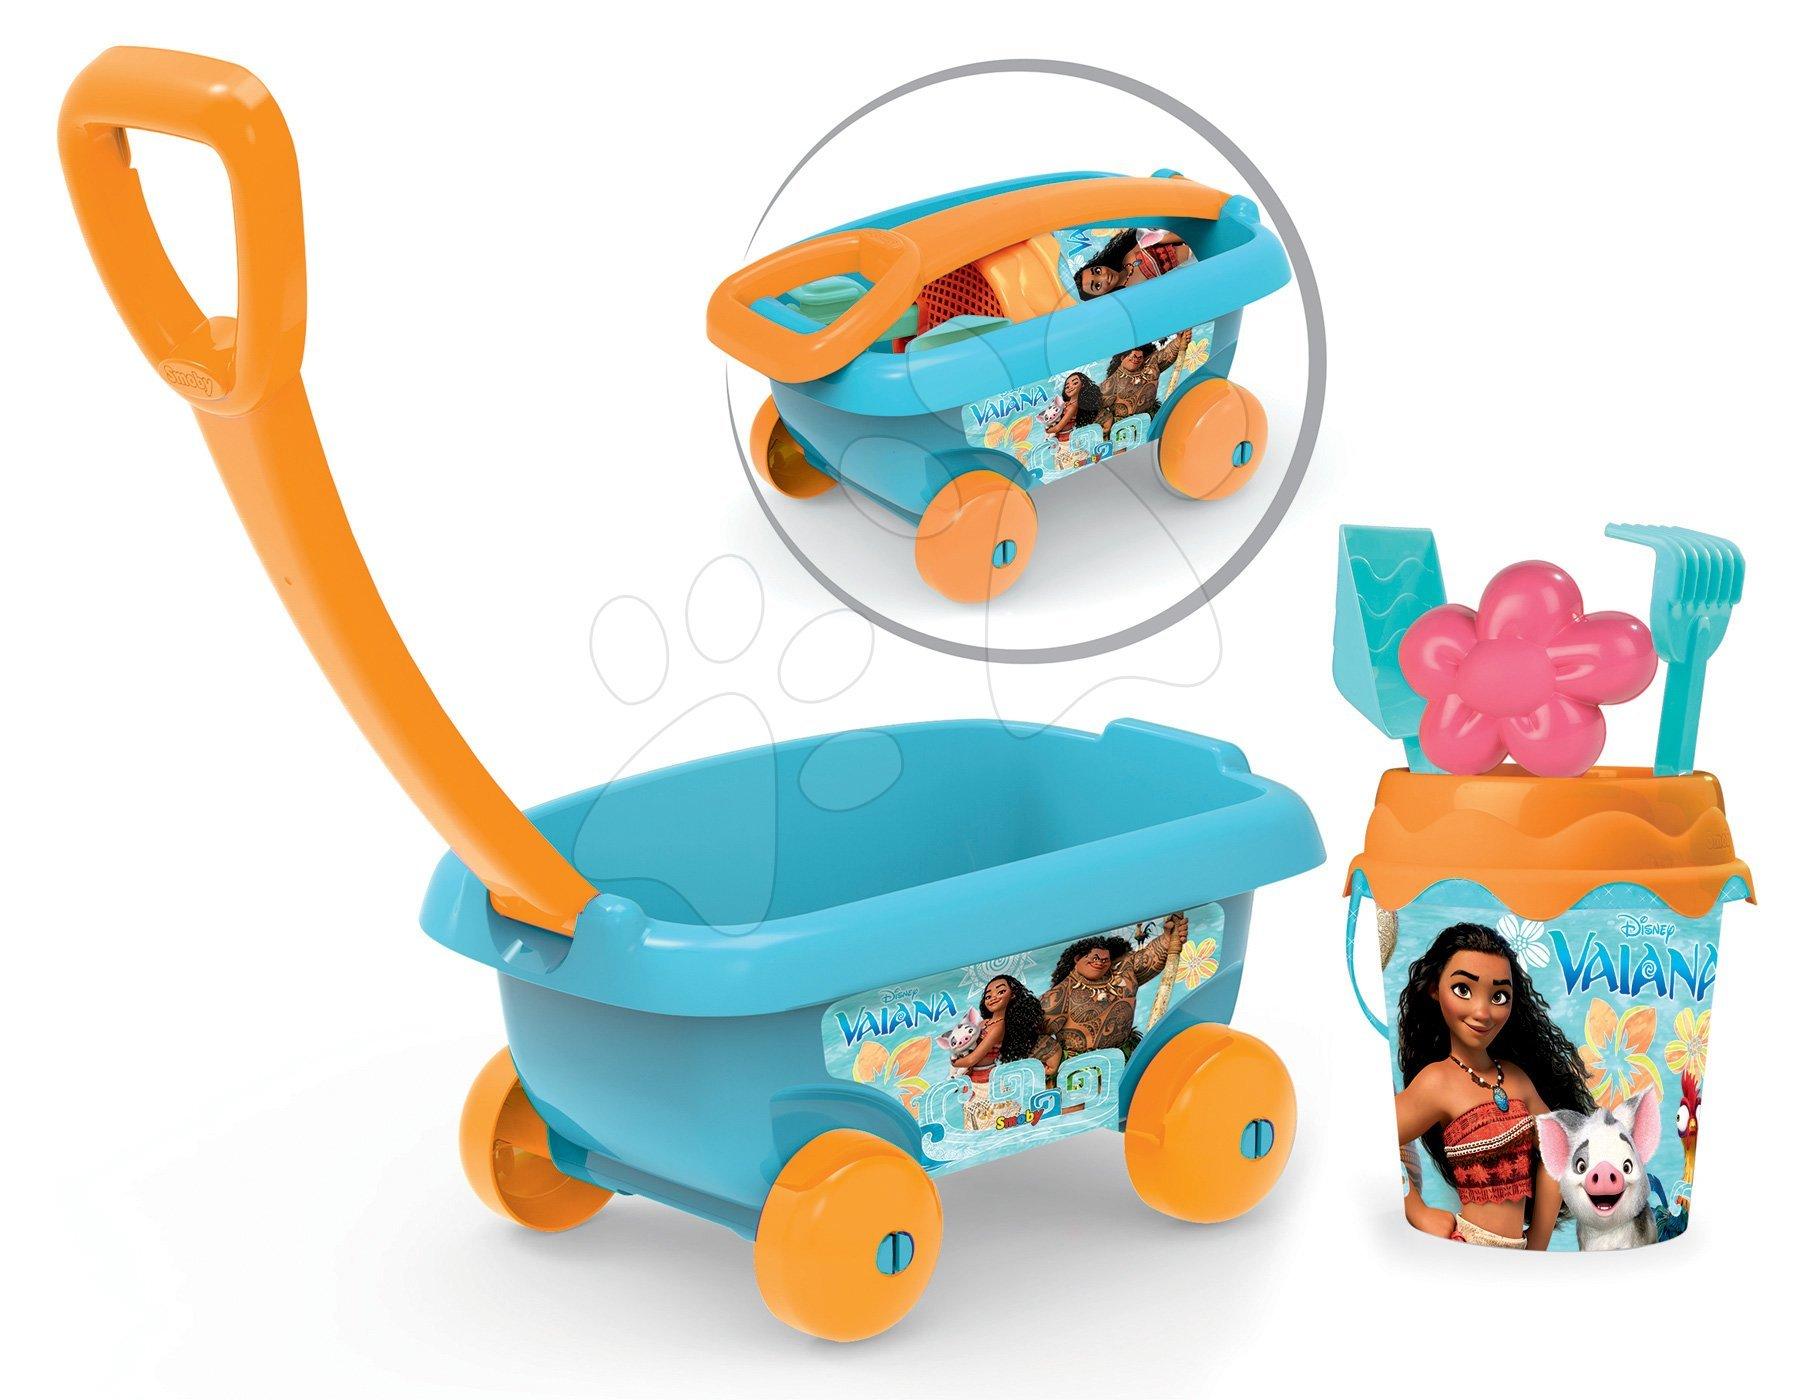 Vozík na tahání Vaiana Smoby s kbelík setem do písku (výška kbelíku 18 cm) tyrkysový od 18 měsíců